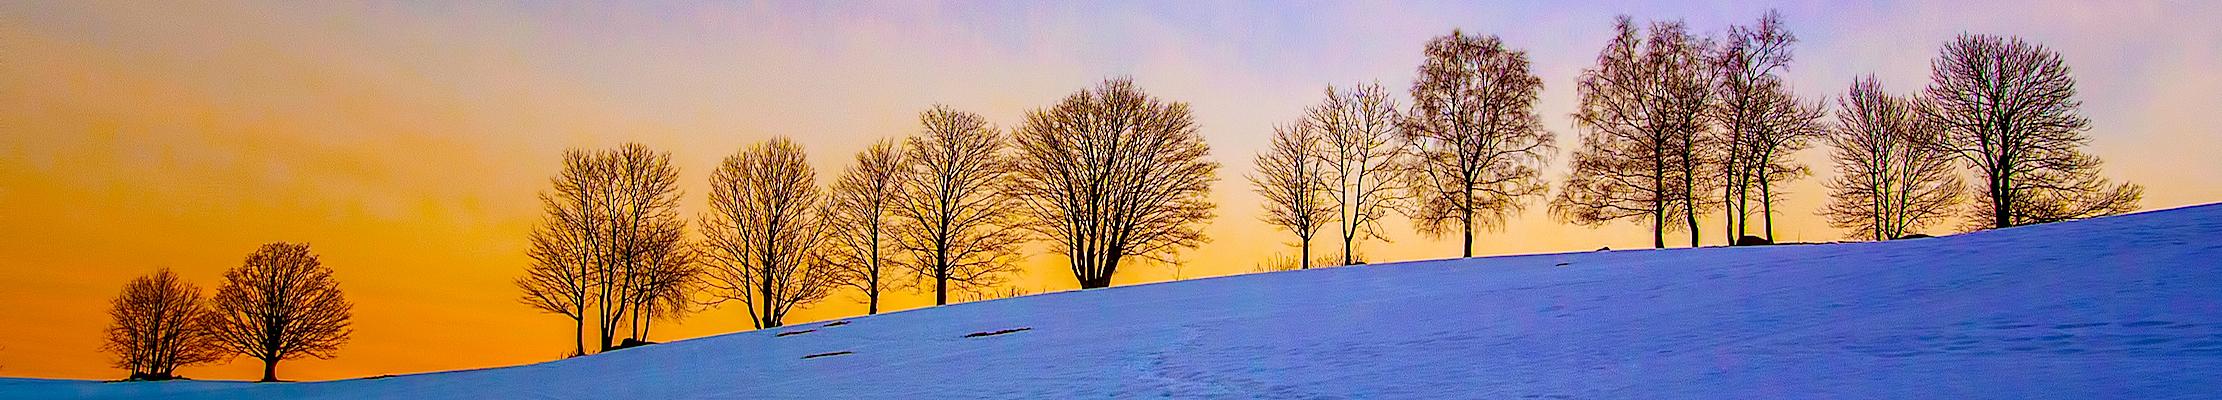 24 февраля (09 марта) 2015. Лучаны над Нисой, Чехия.